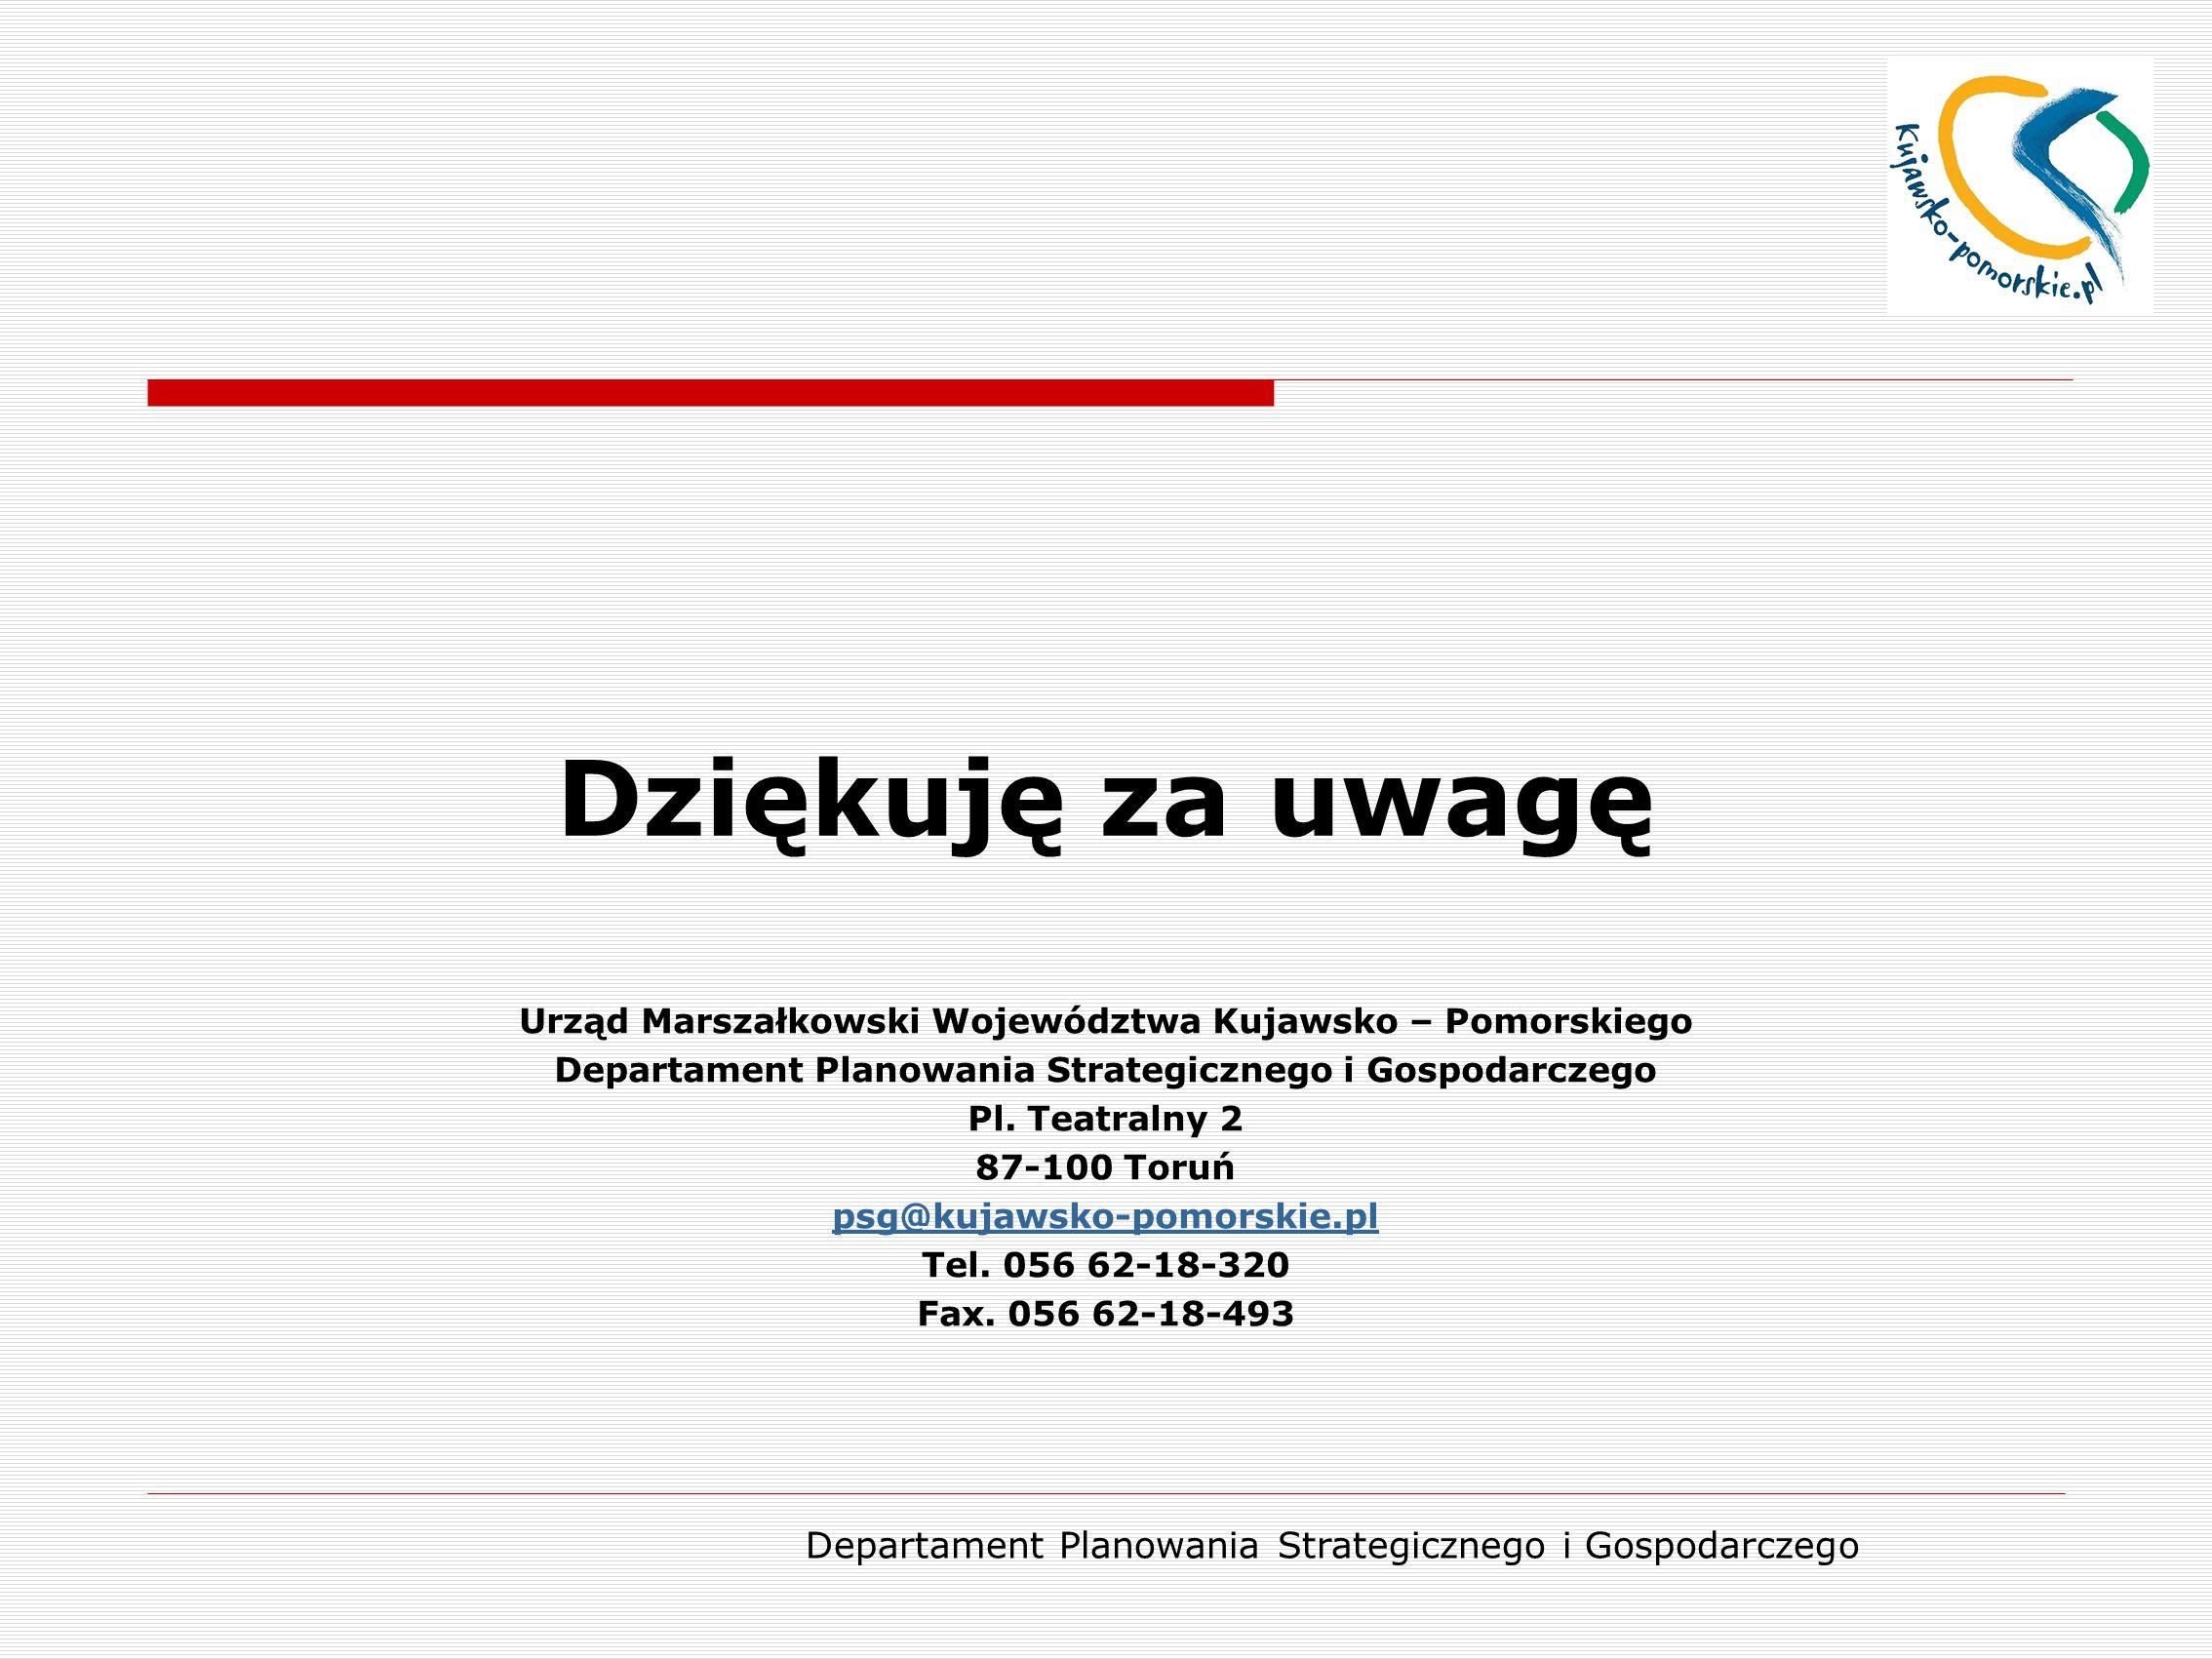 Dziękuję za uwagę Urząd Marszałkowski Województwa Kujawsko – Pomorskiego. Departament Planowania Strategicznego i Gospodarczego.